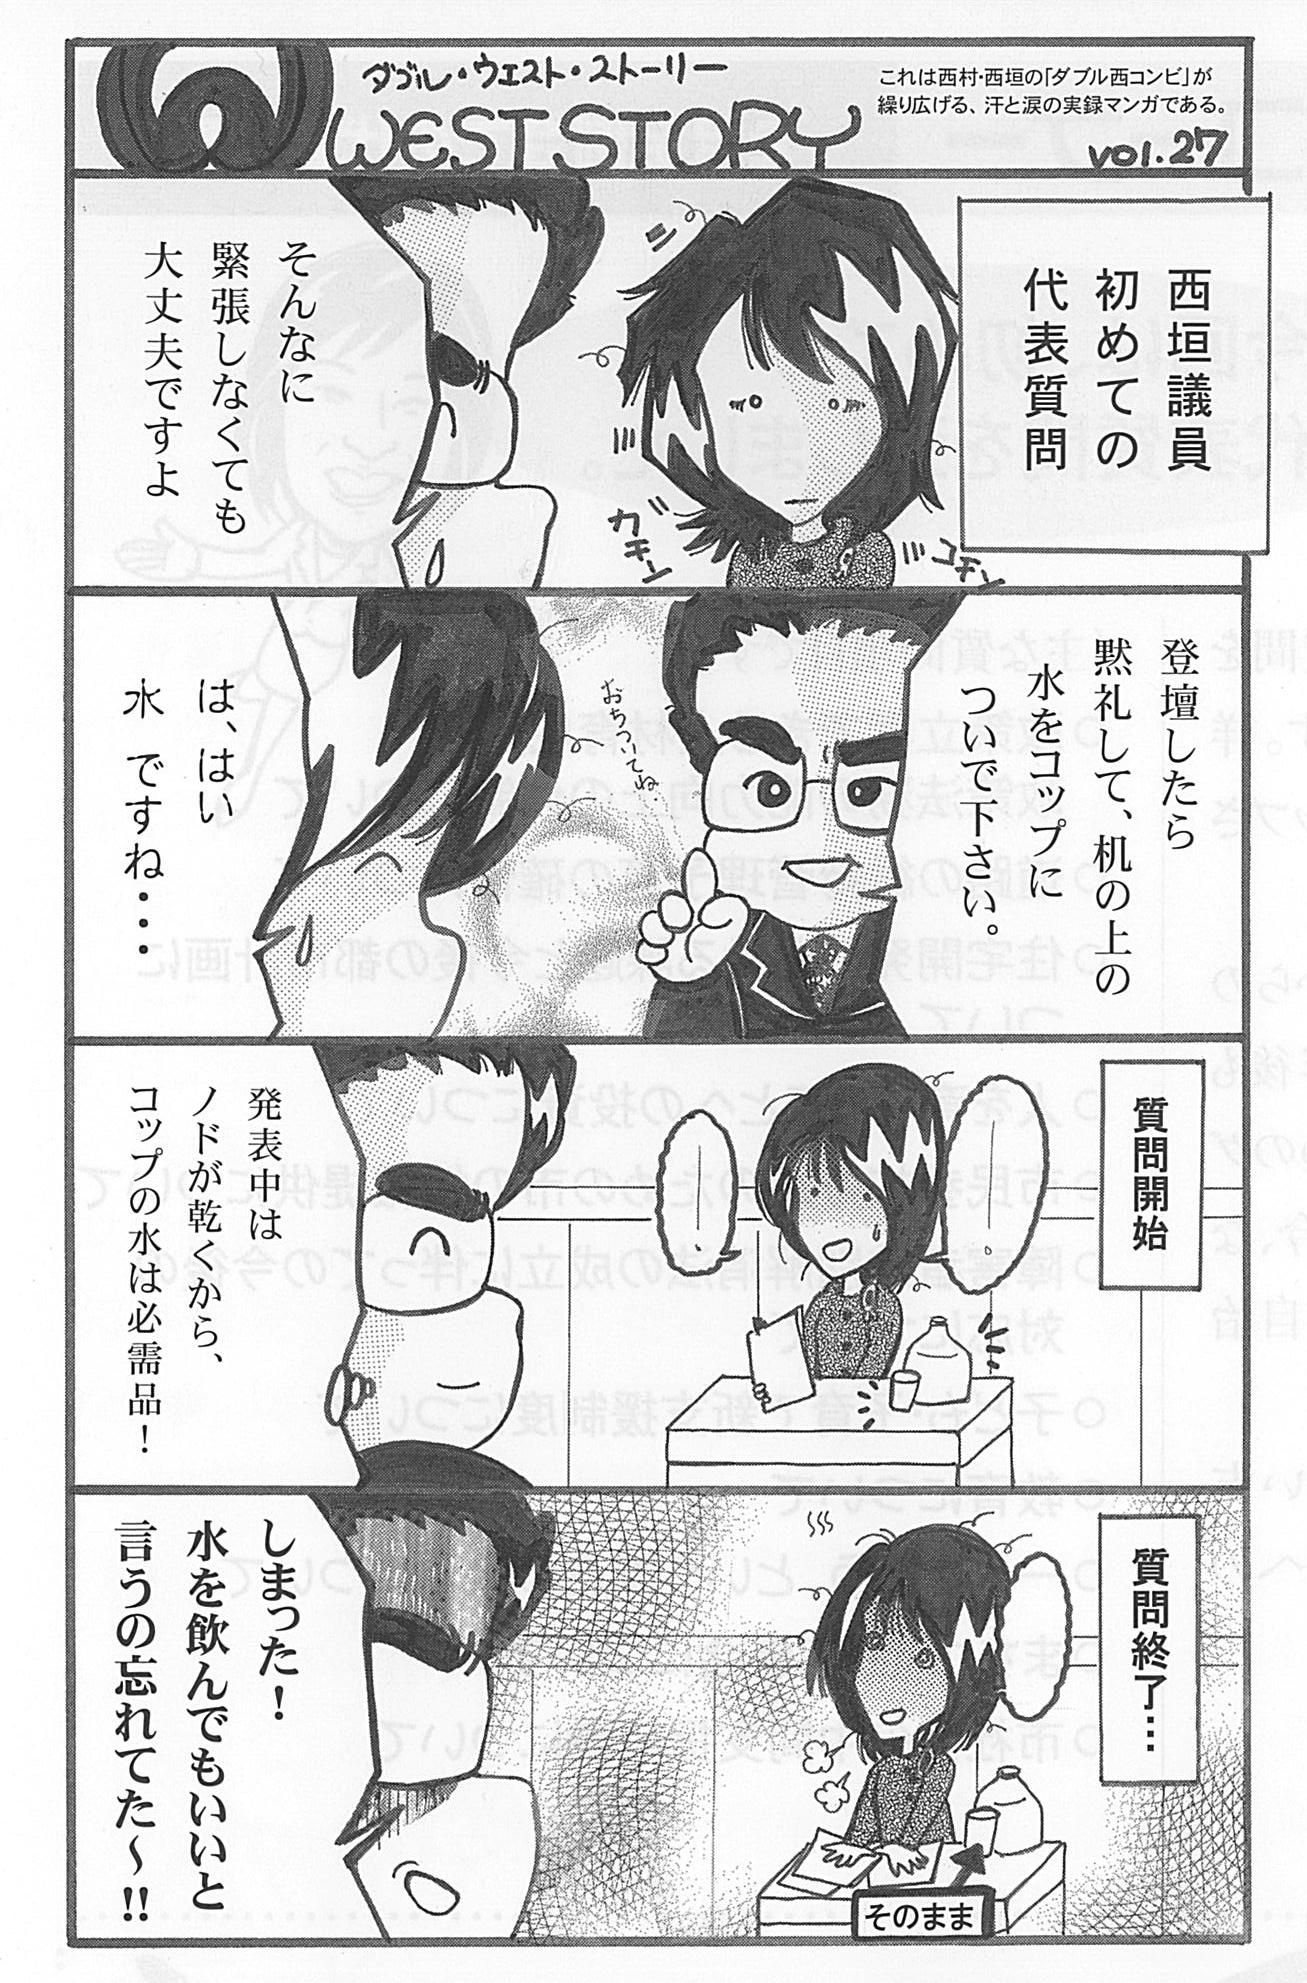 jitsuroku_vol27.jpg